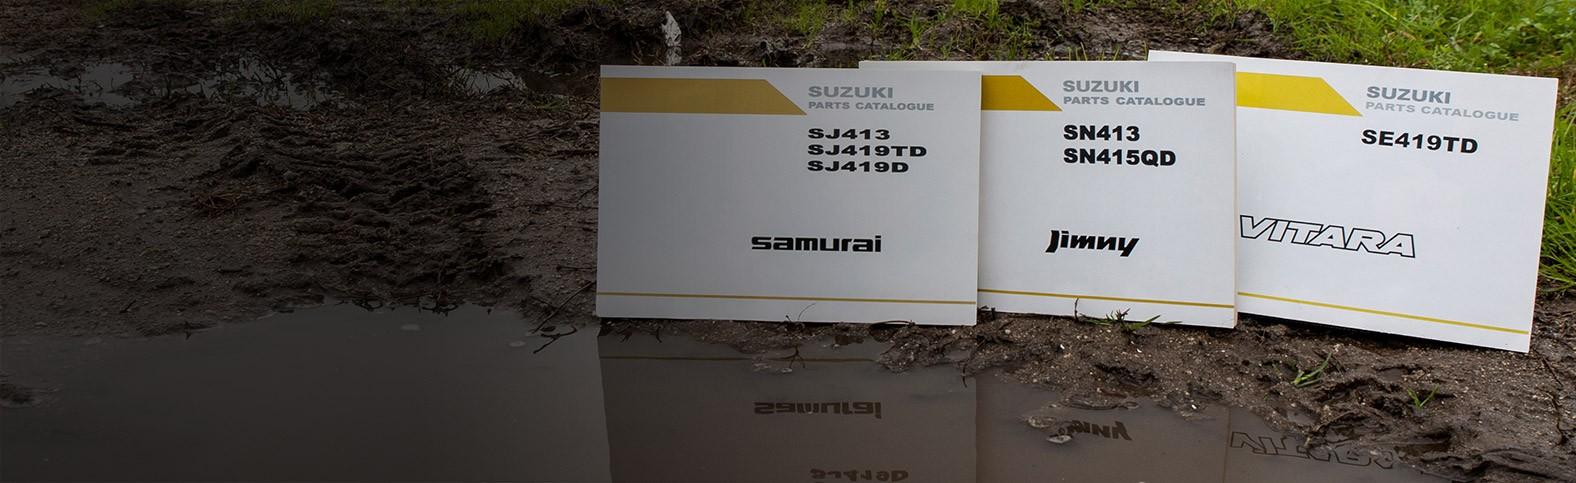 Peças de Reposição para Suzuki